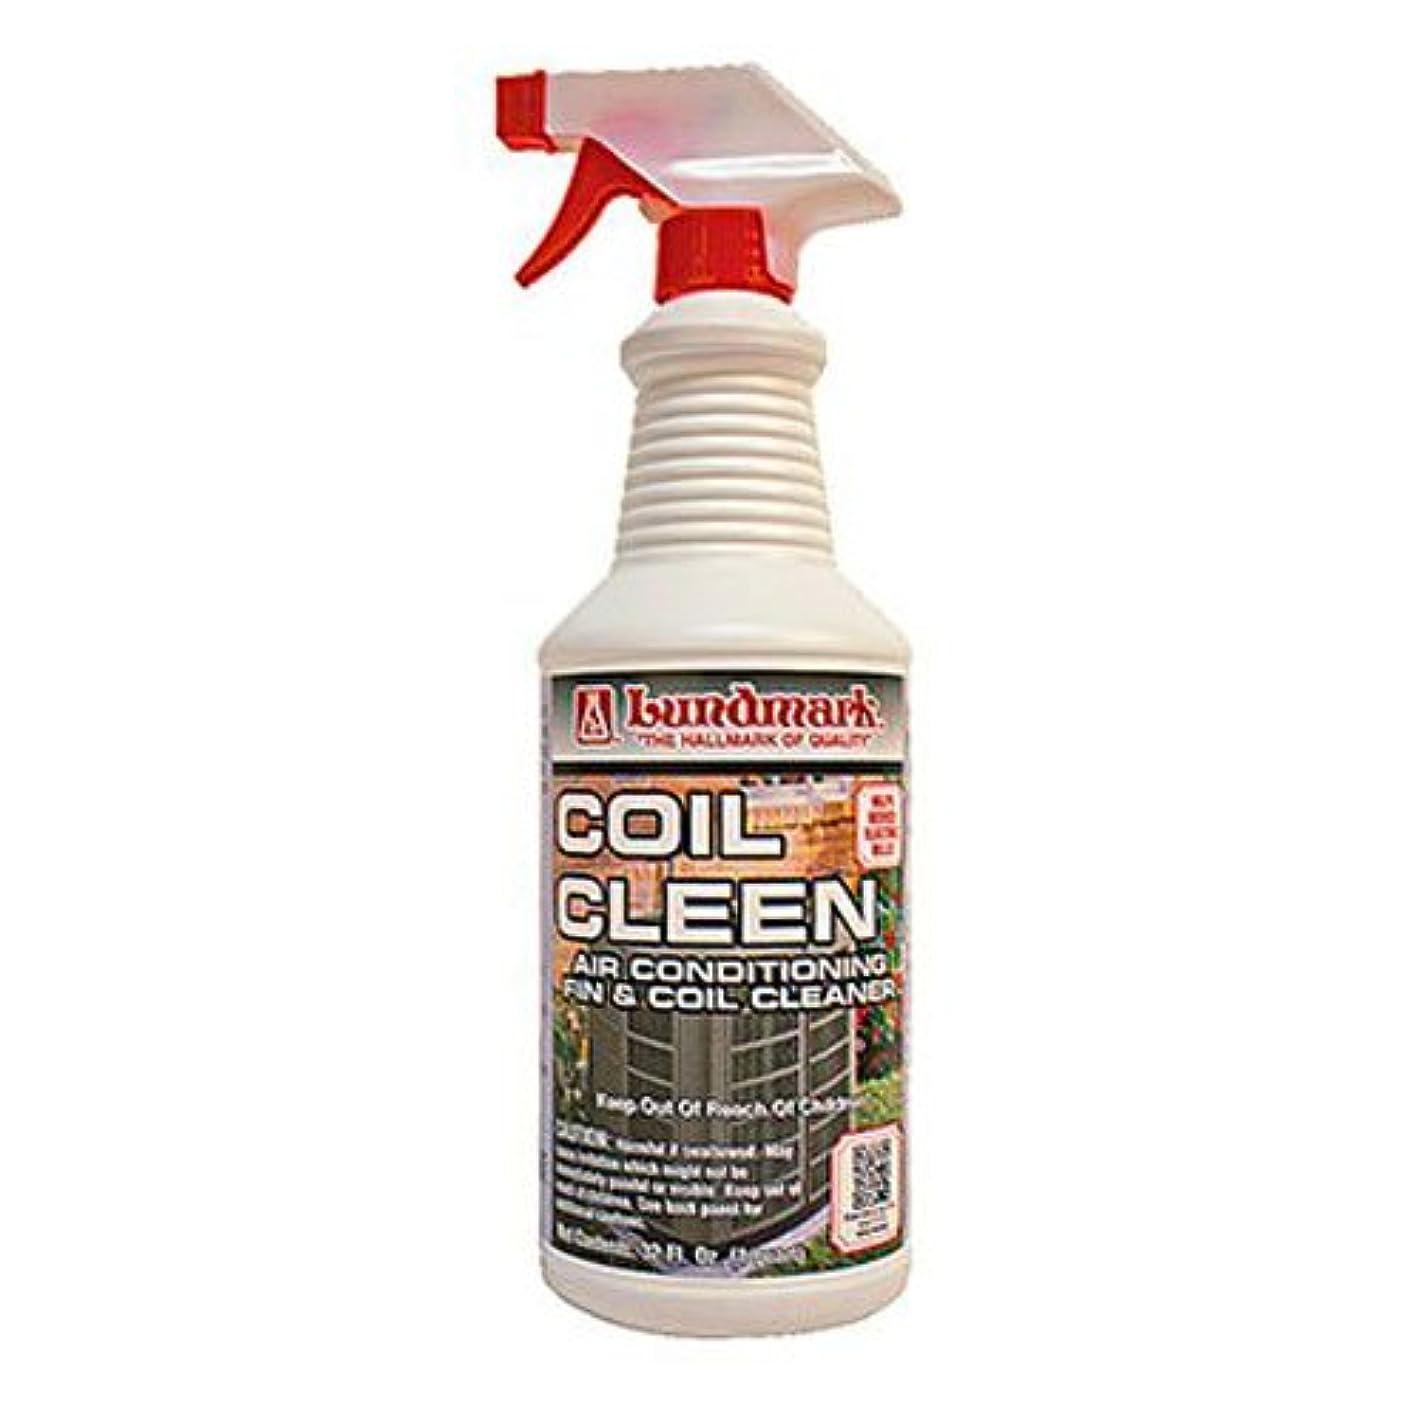 Lundmark Wax Coil Cleaner, 32-Ounce